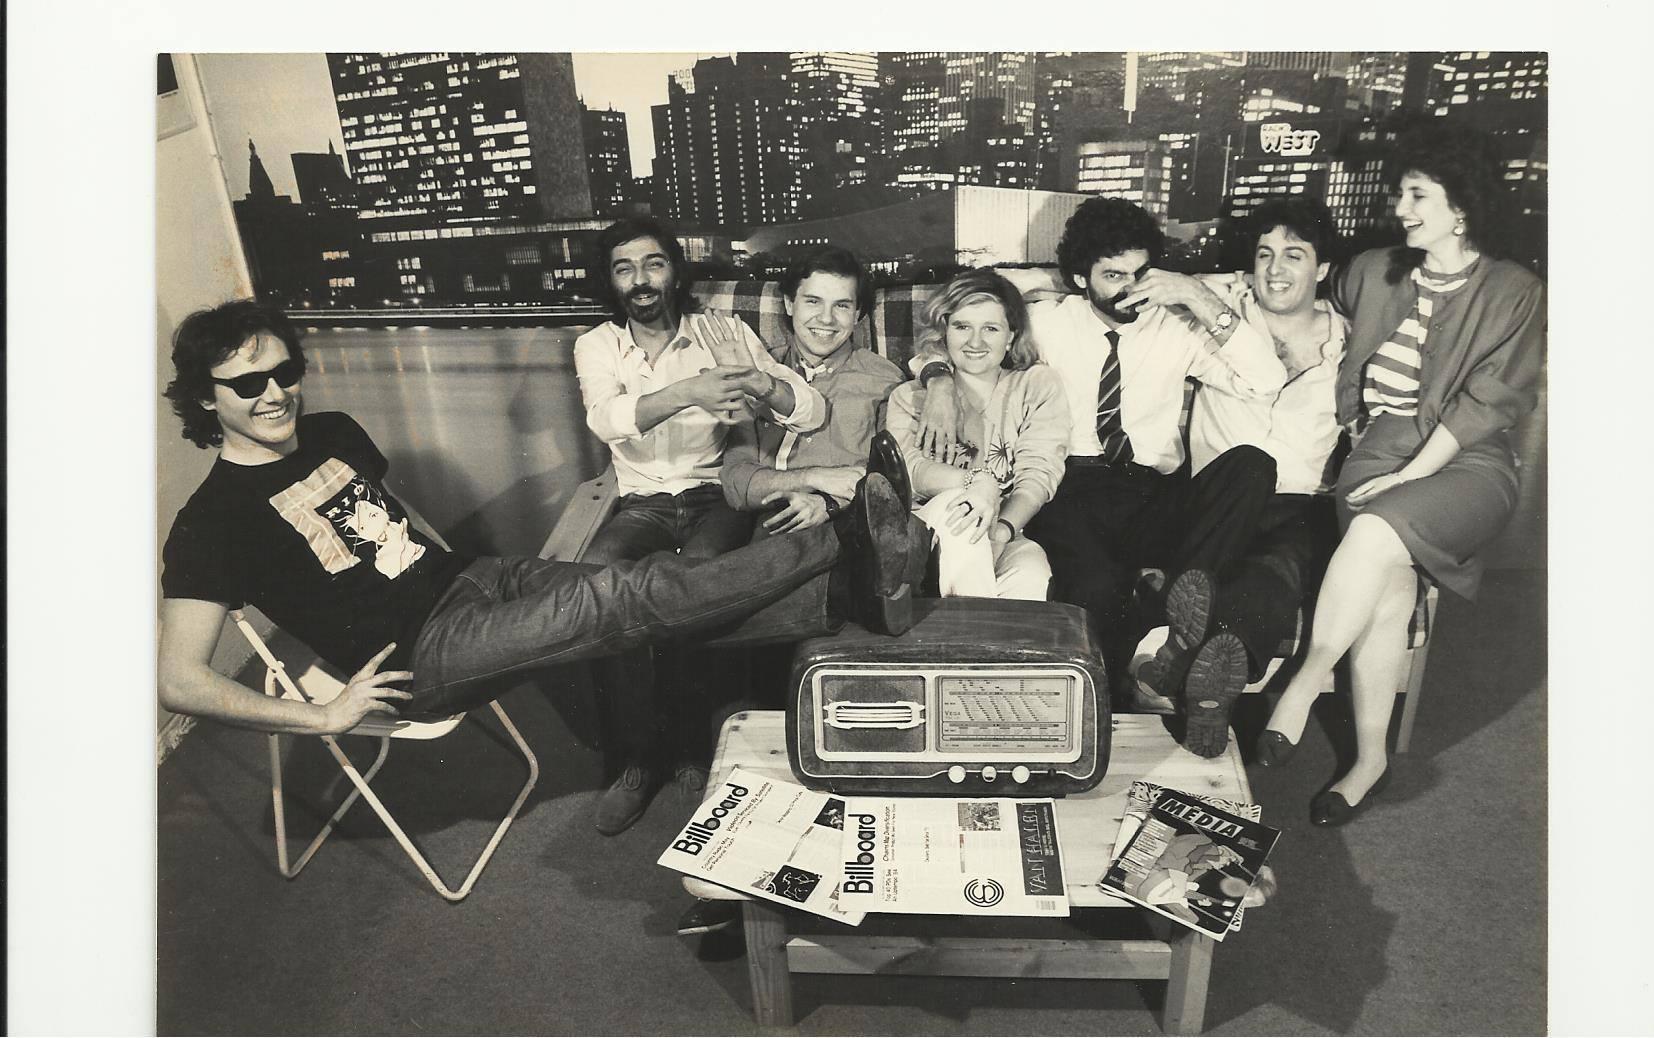 Radio West 1 - Radio. Ricordi di un'epoca che non c'e' piu'. Le riunioni: un crogiolo di emozioni e tensioni difficile da dimenticare